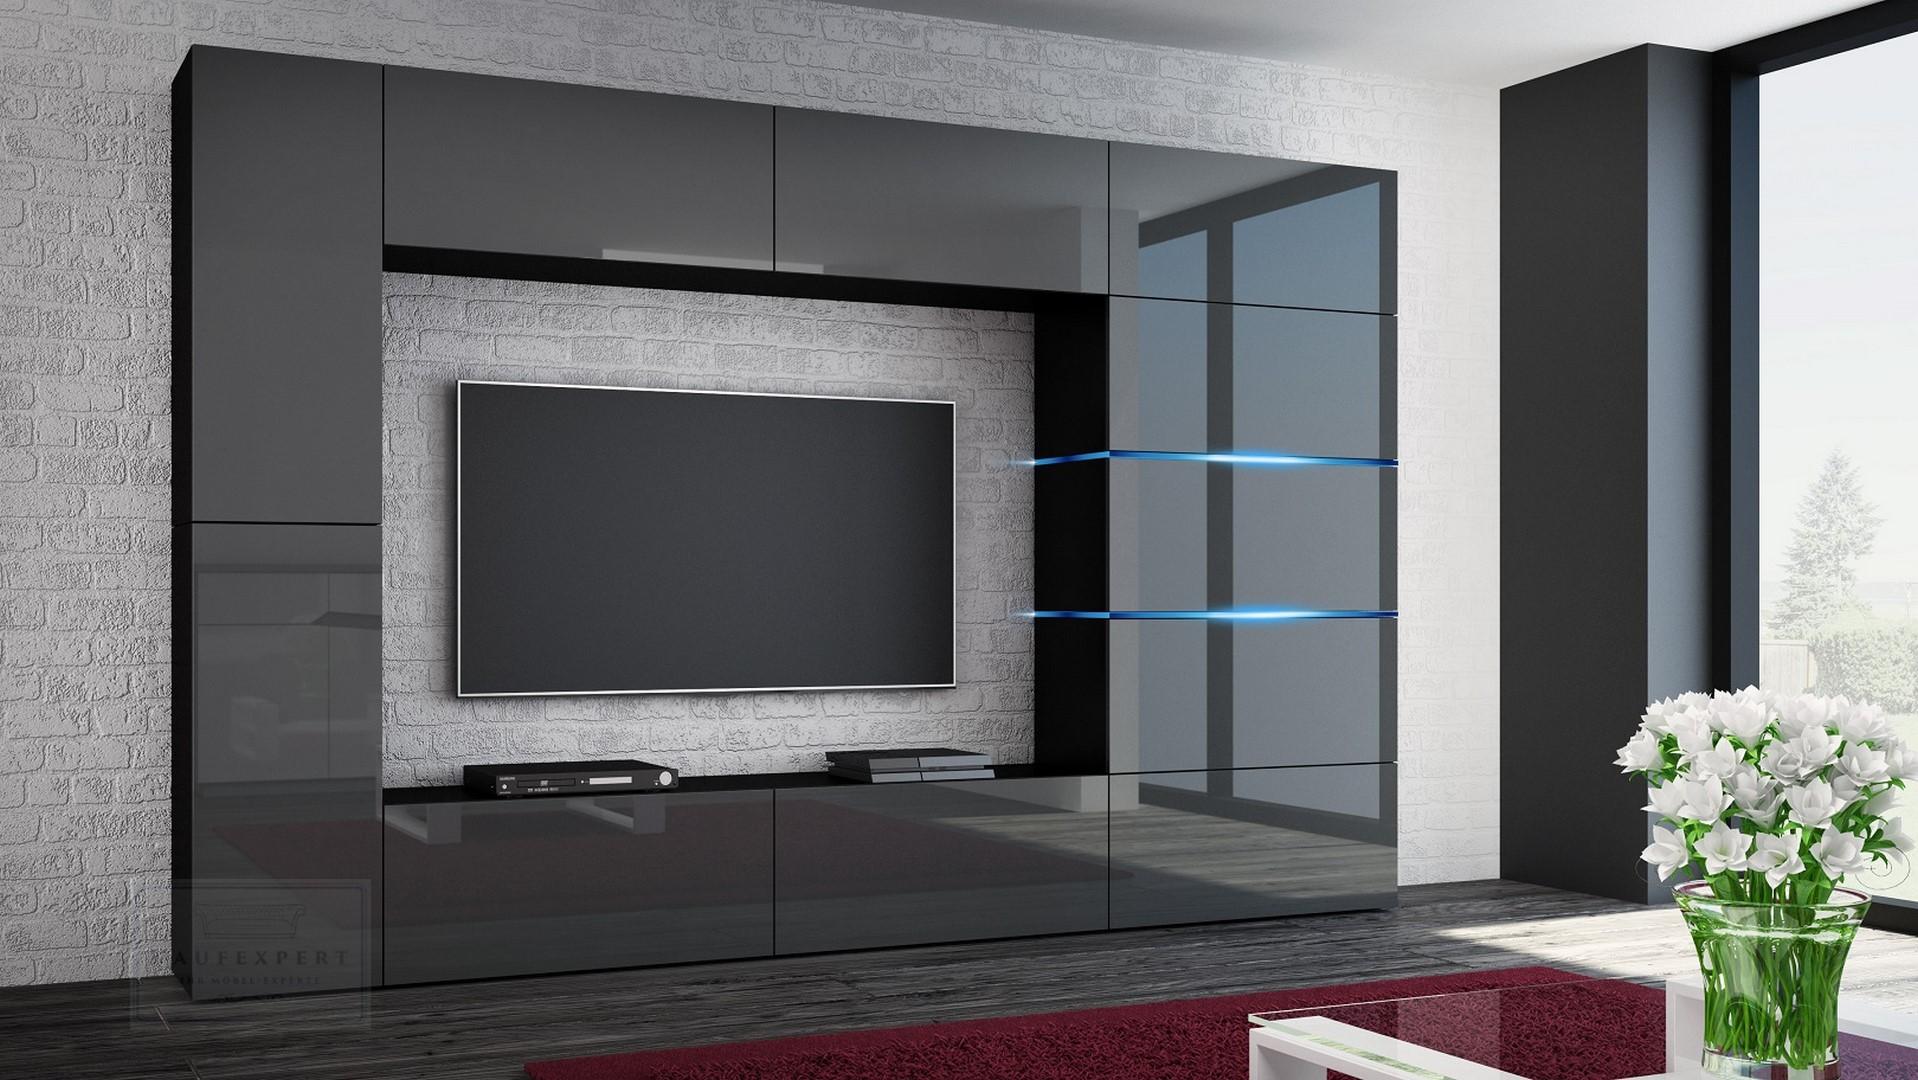 Elegant Wohnwand Shadow Grau Cm Mediawand Anbauwand Medienwand Design Modern  Led Beleuchtung Mdf With Anbauwand Hochglanz